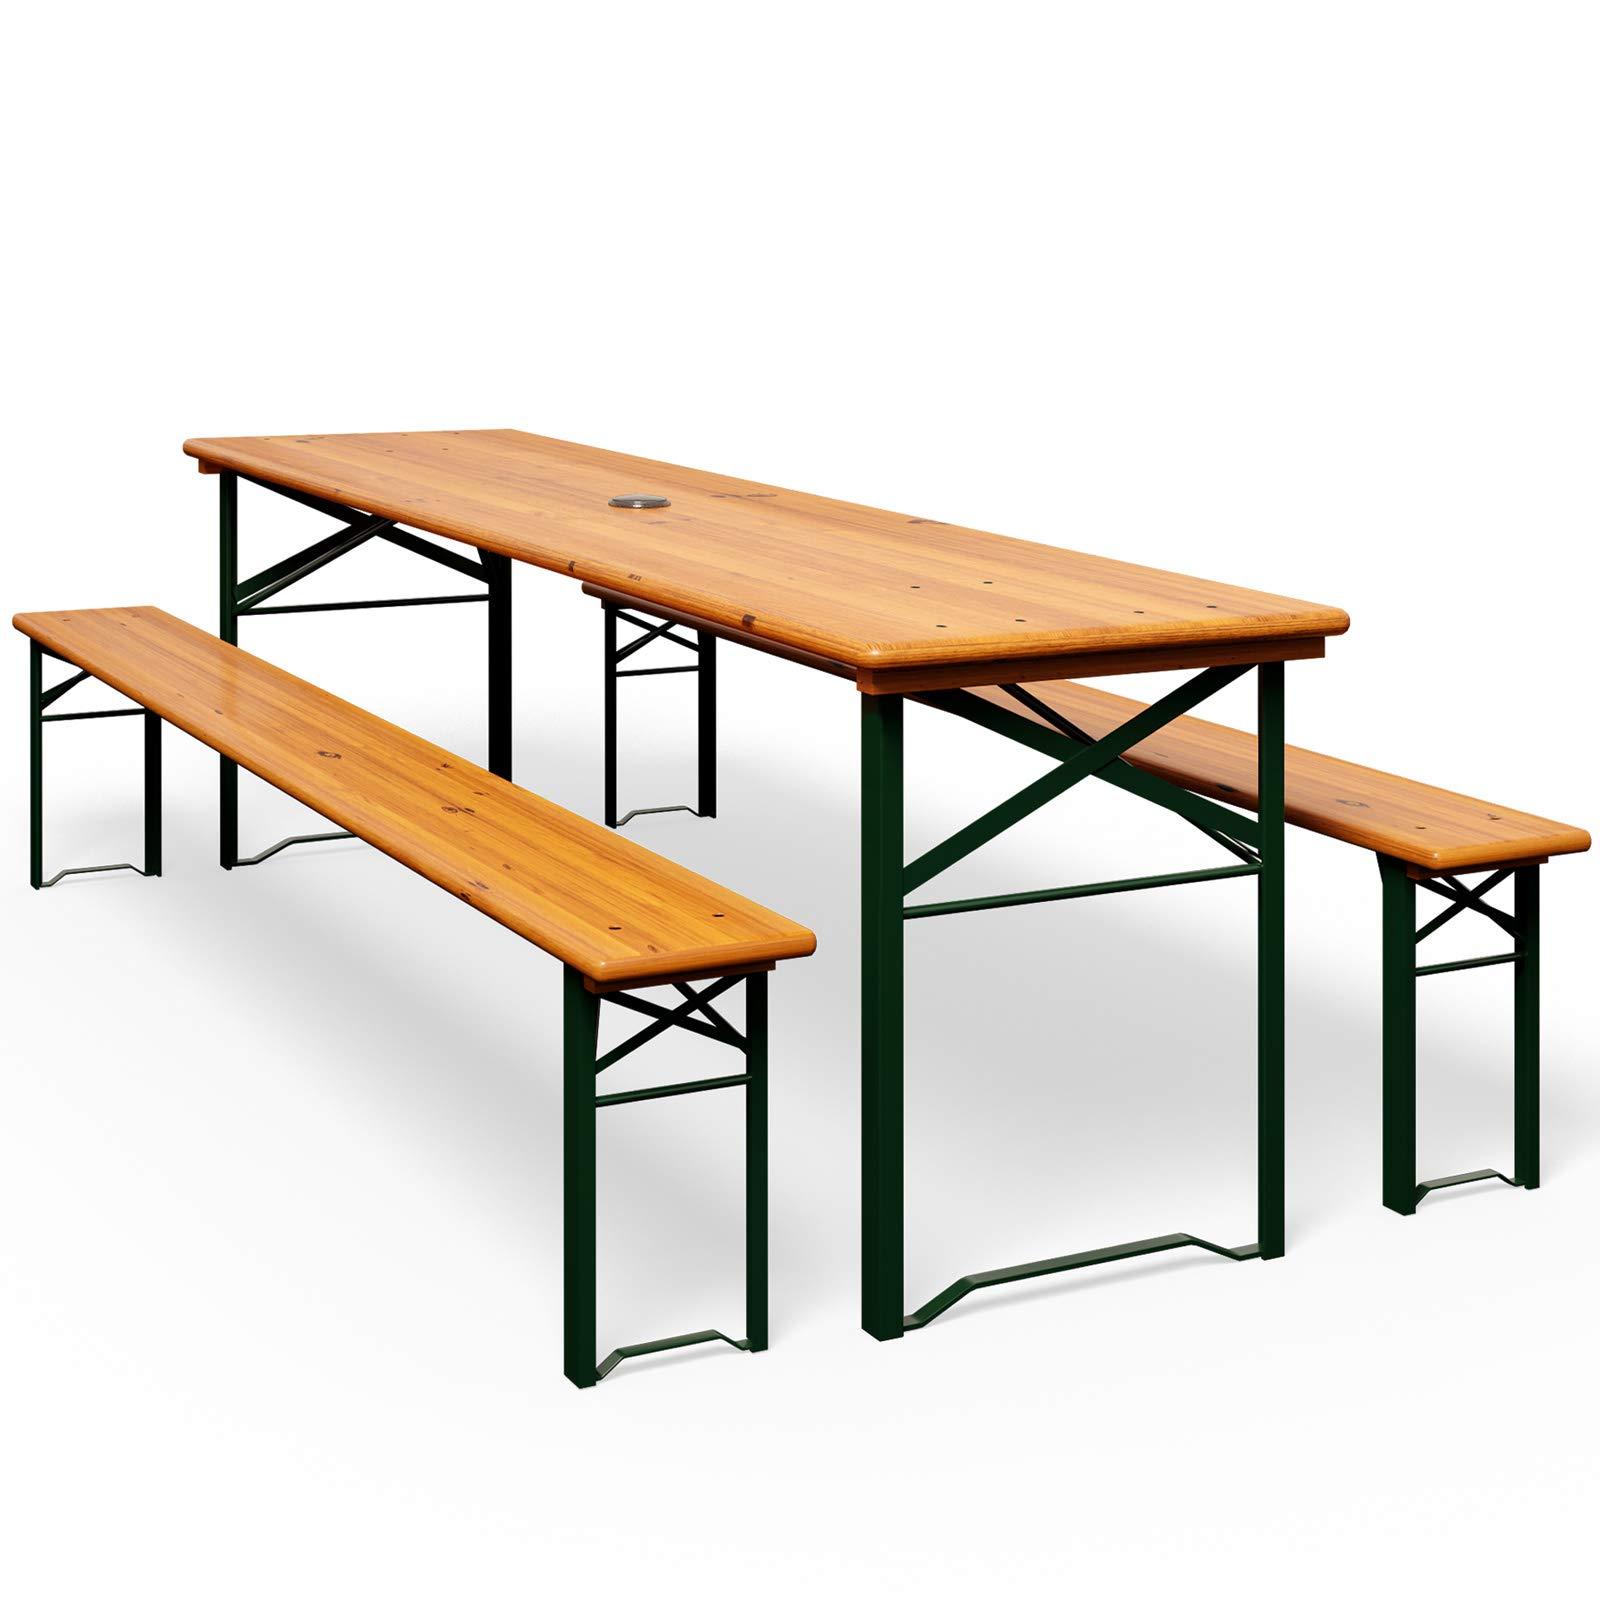 Deuba set de 1 mesa y 2 bancos de madera pino picea plegables mesa cervecera con agujero para sombrilla eventos jardín: Amazon.es: Jardín